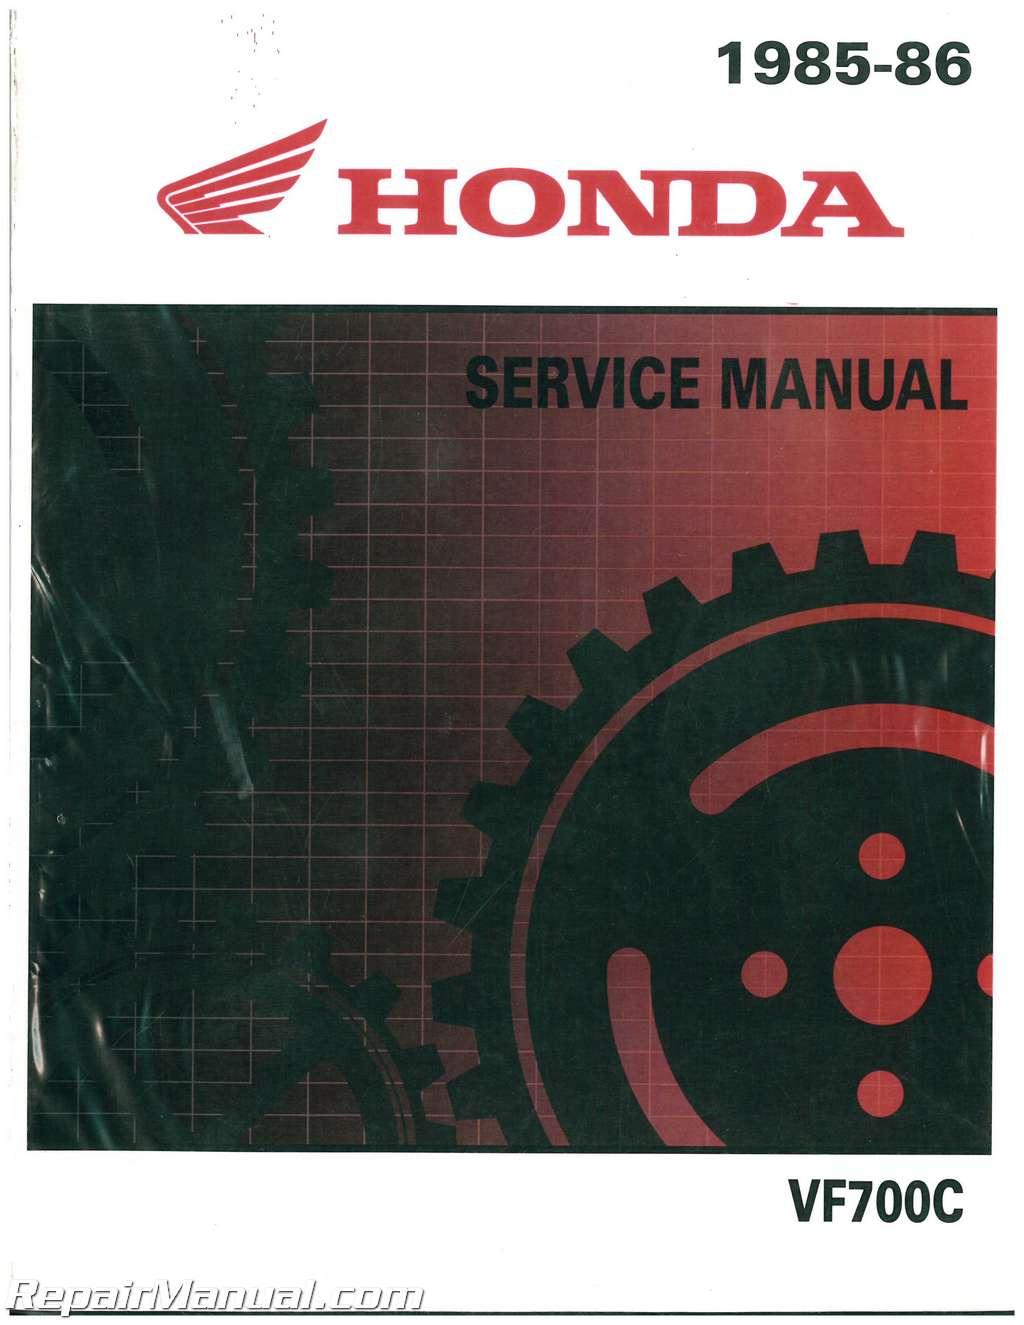 Honda Parts 700 1985 Magna